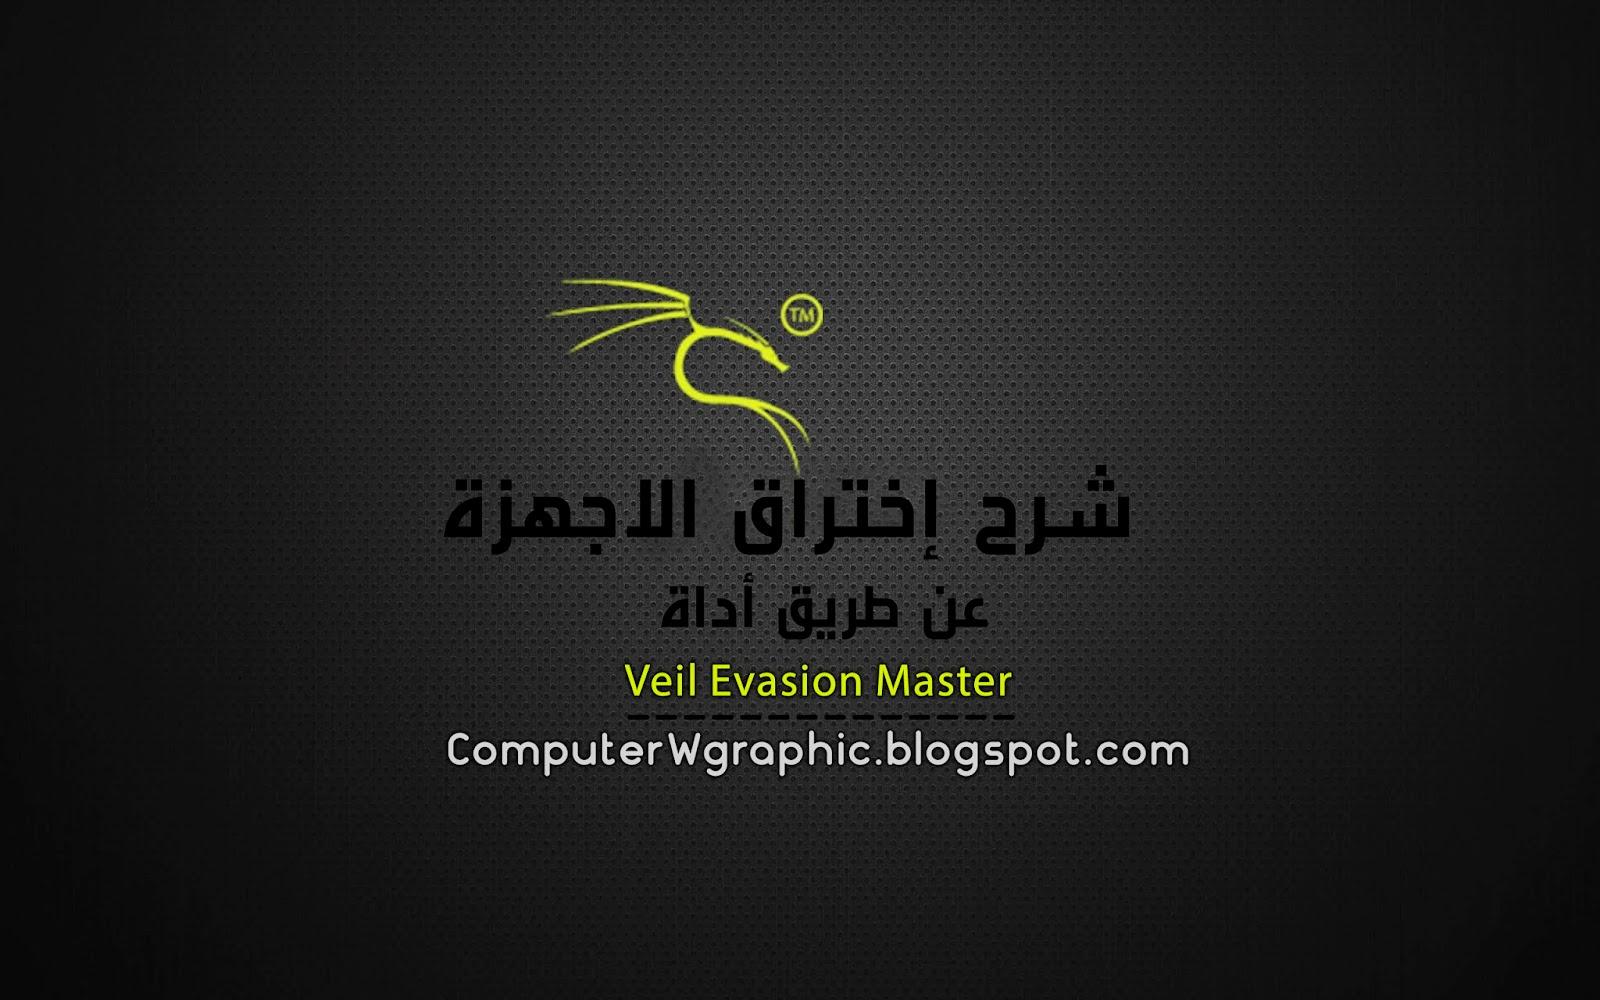 تحميل برنامج netscan اختراق الأجهزة عن طريق ip الضحية